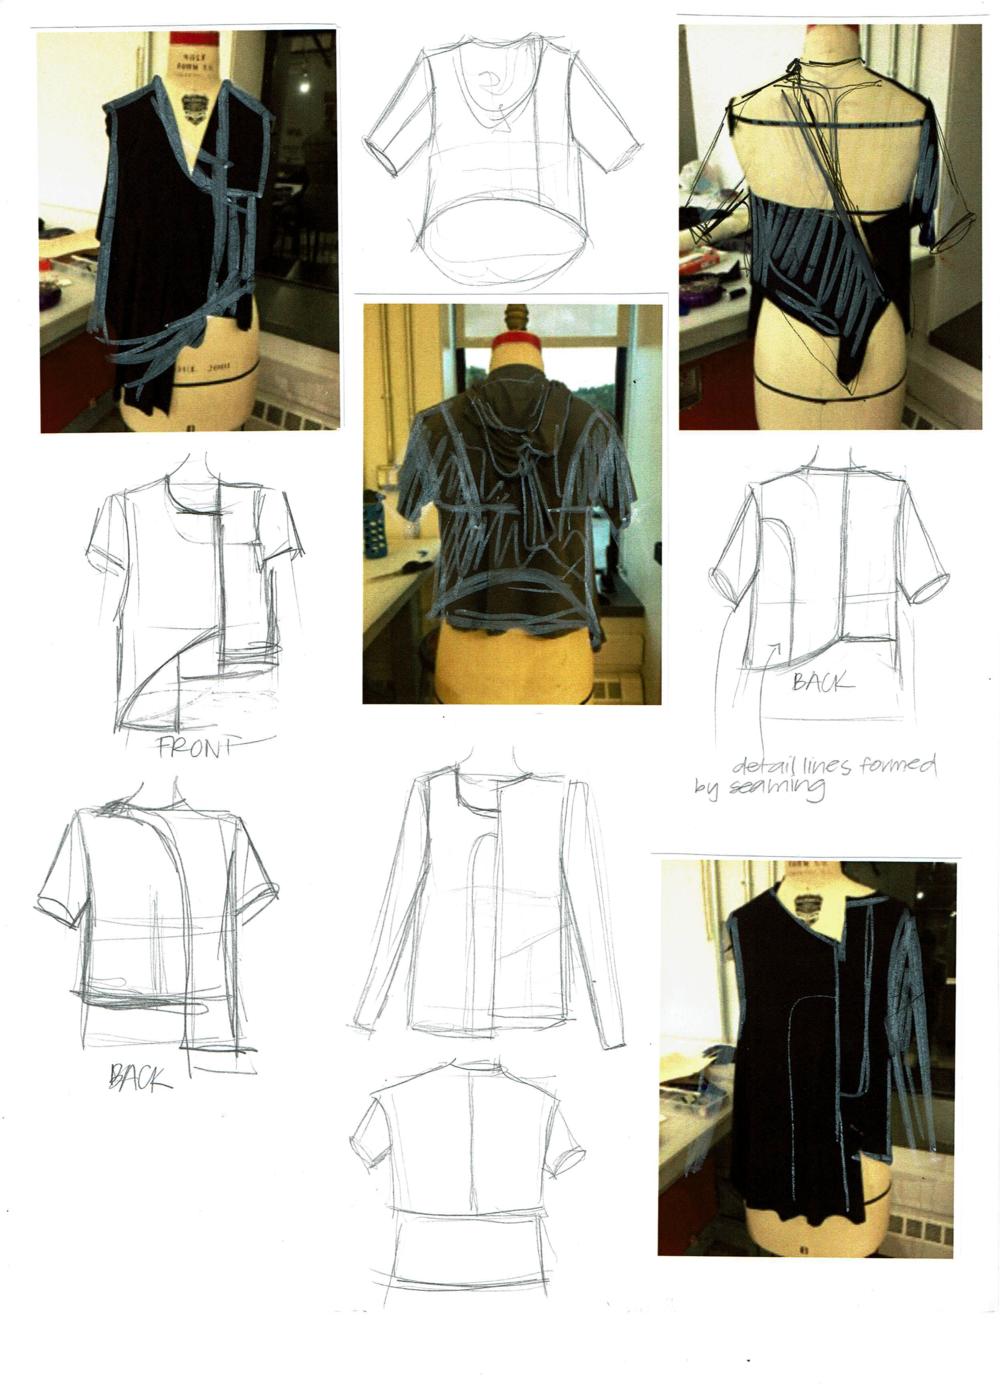 drapes8.png